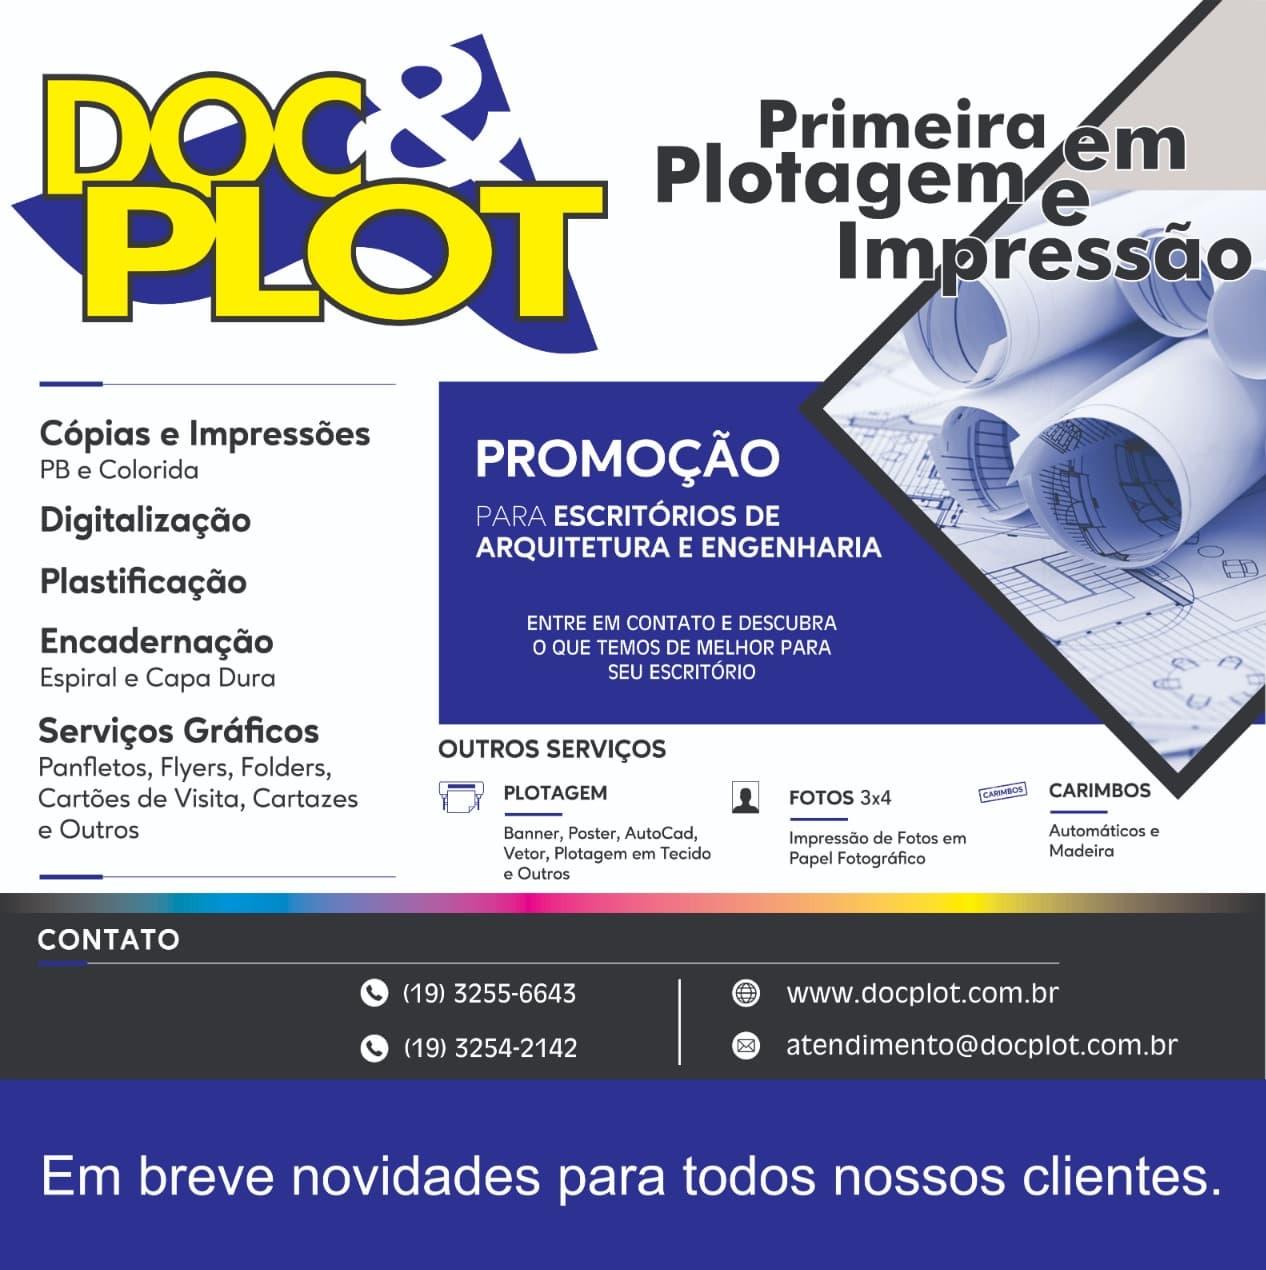 Doc & Plot gráfica em Campinas, localizada no cambuí com diversos serviços gráficos